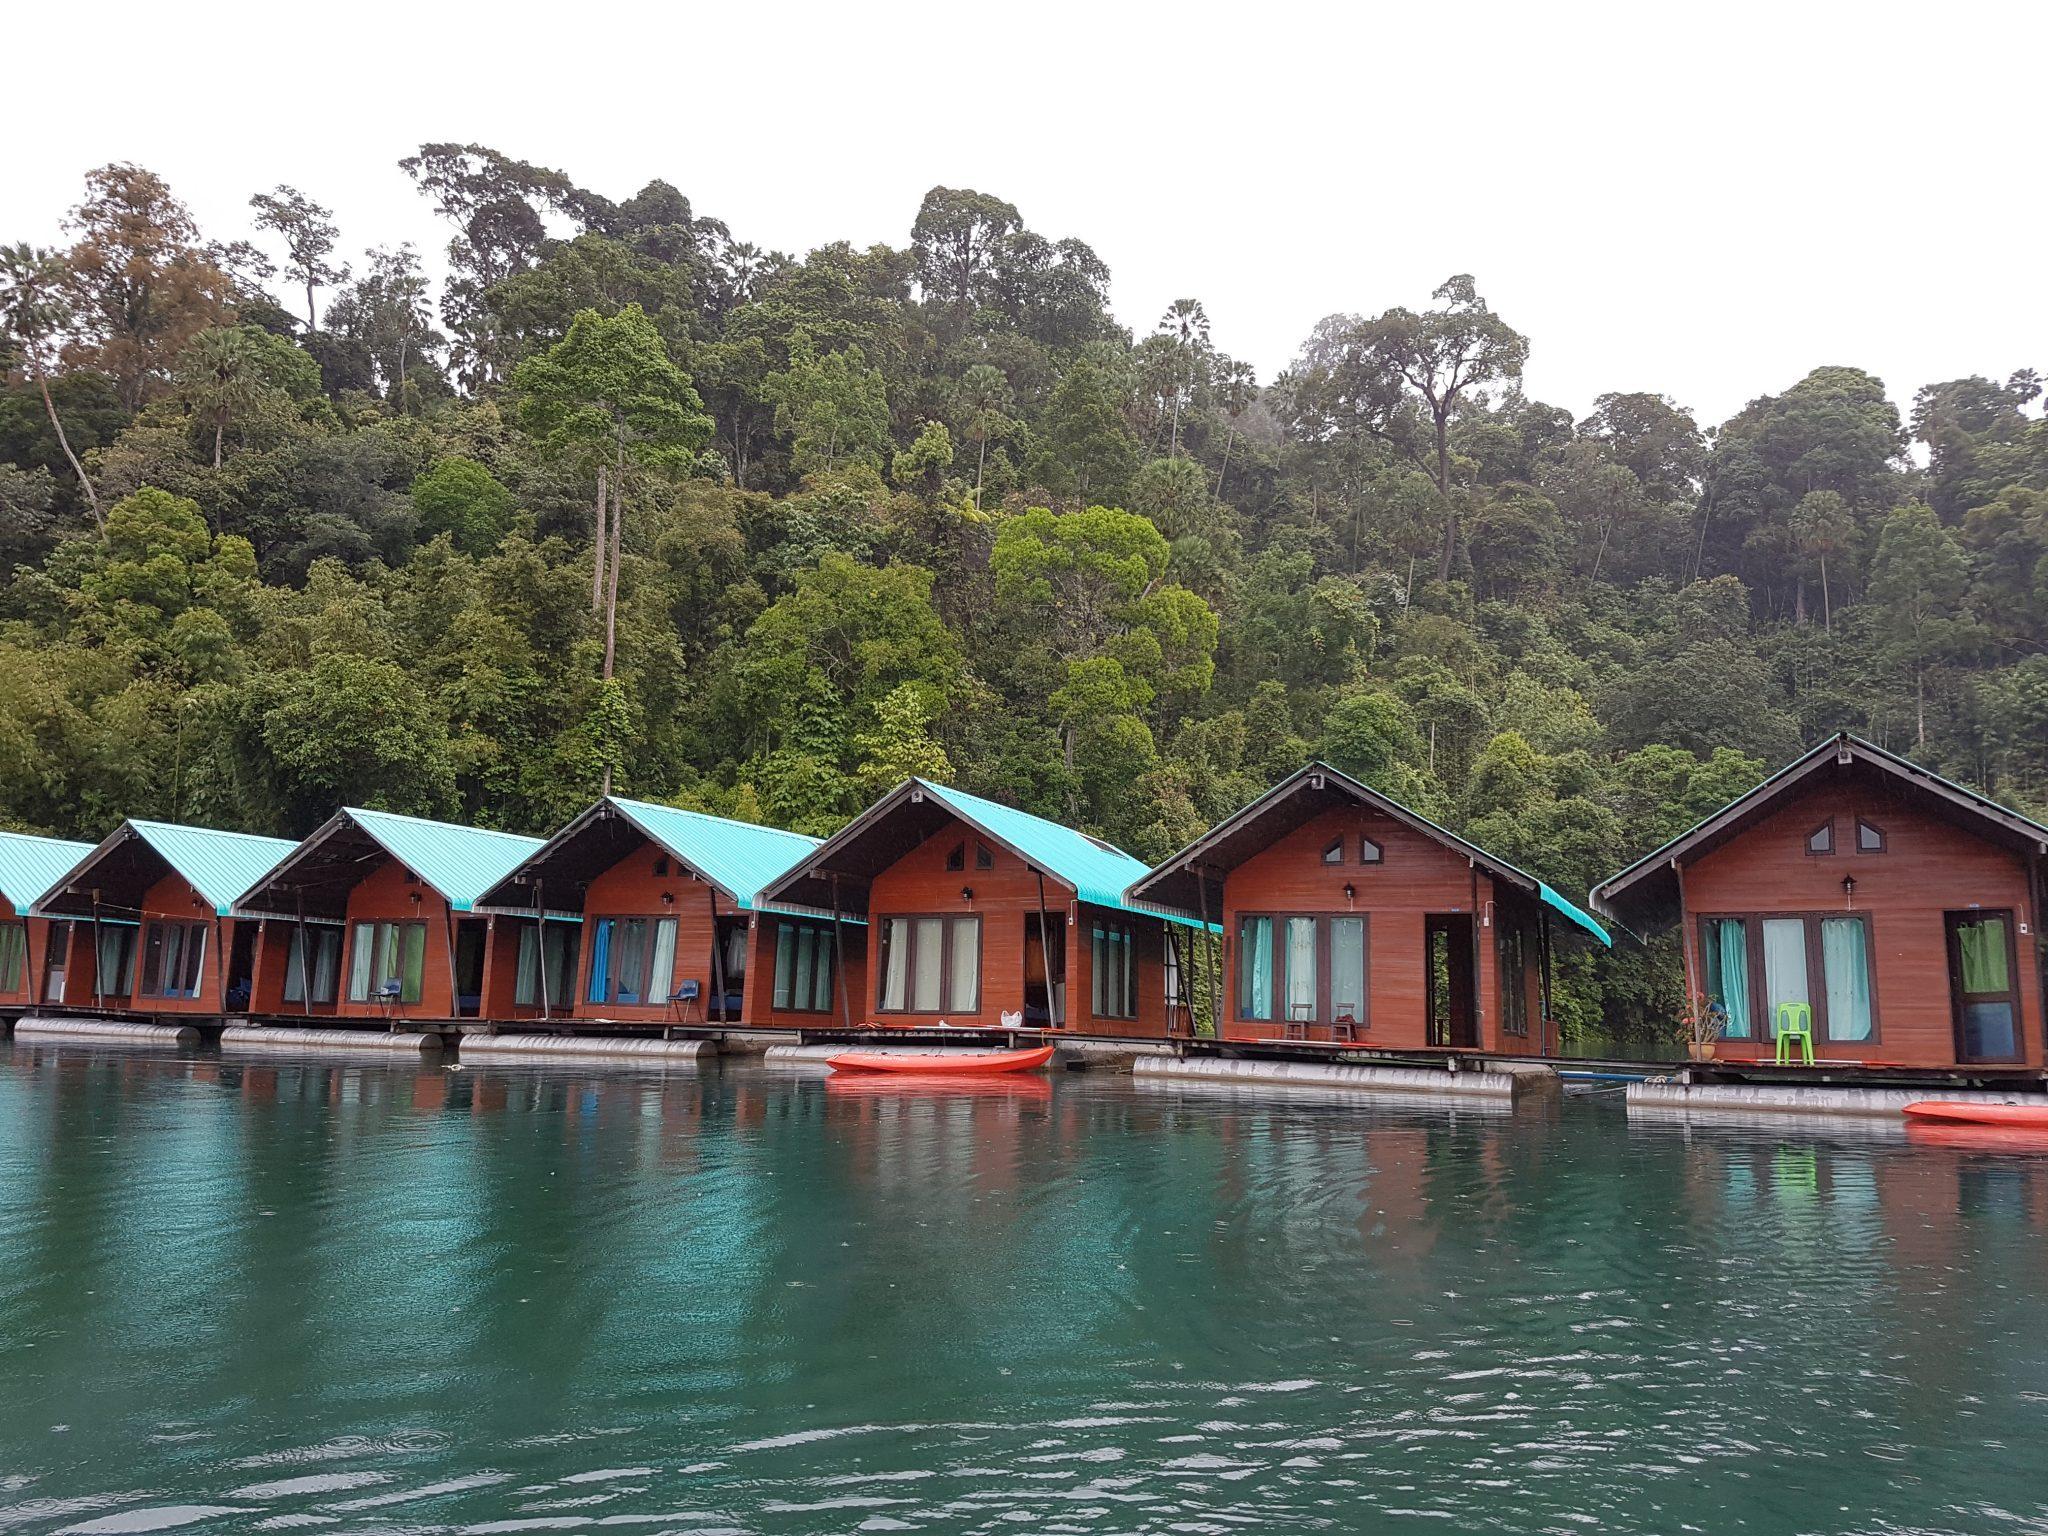 Khao sok parko ežeras